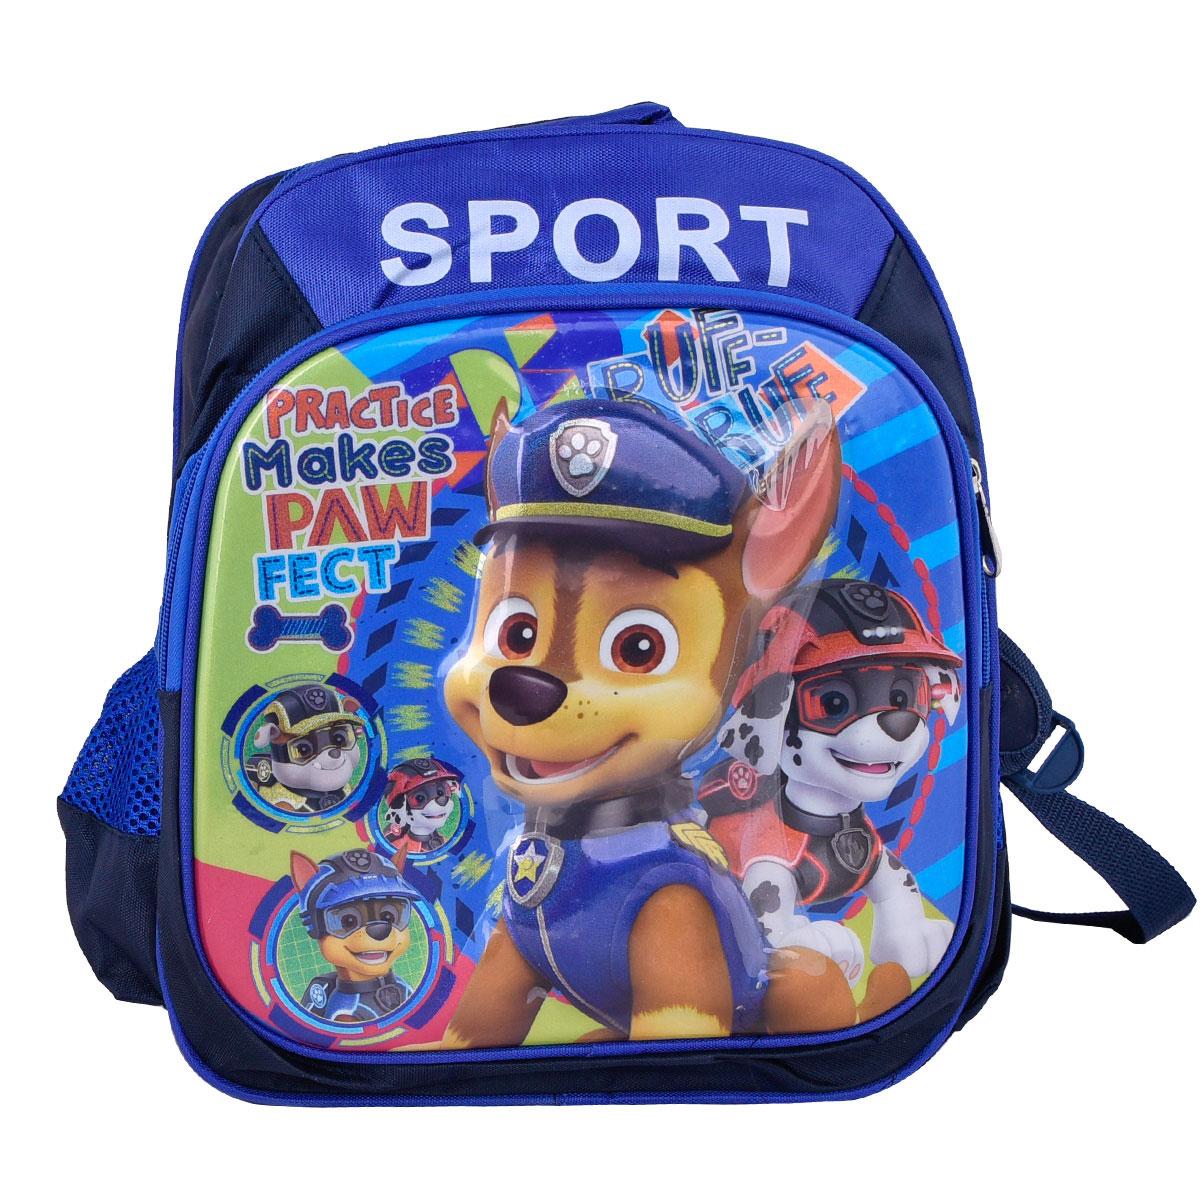 حقيبة ظهر شخصيات مدرسية لاطفال الروضة - رقم 20605